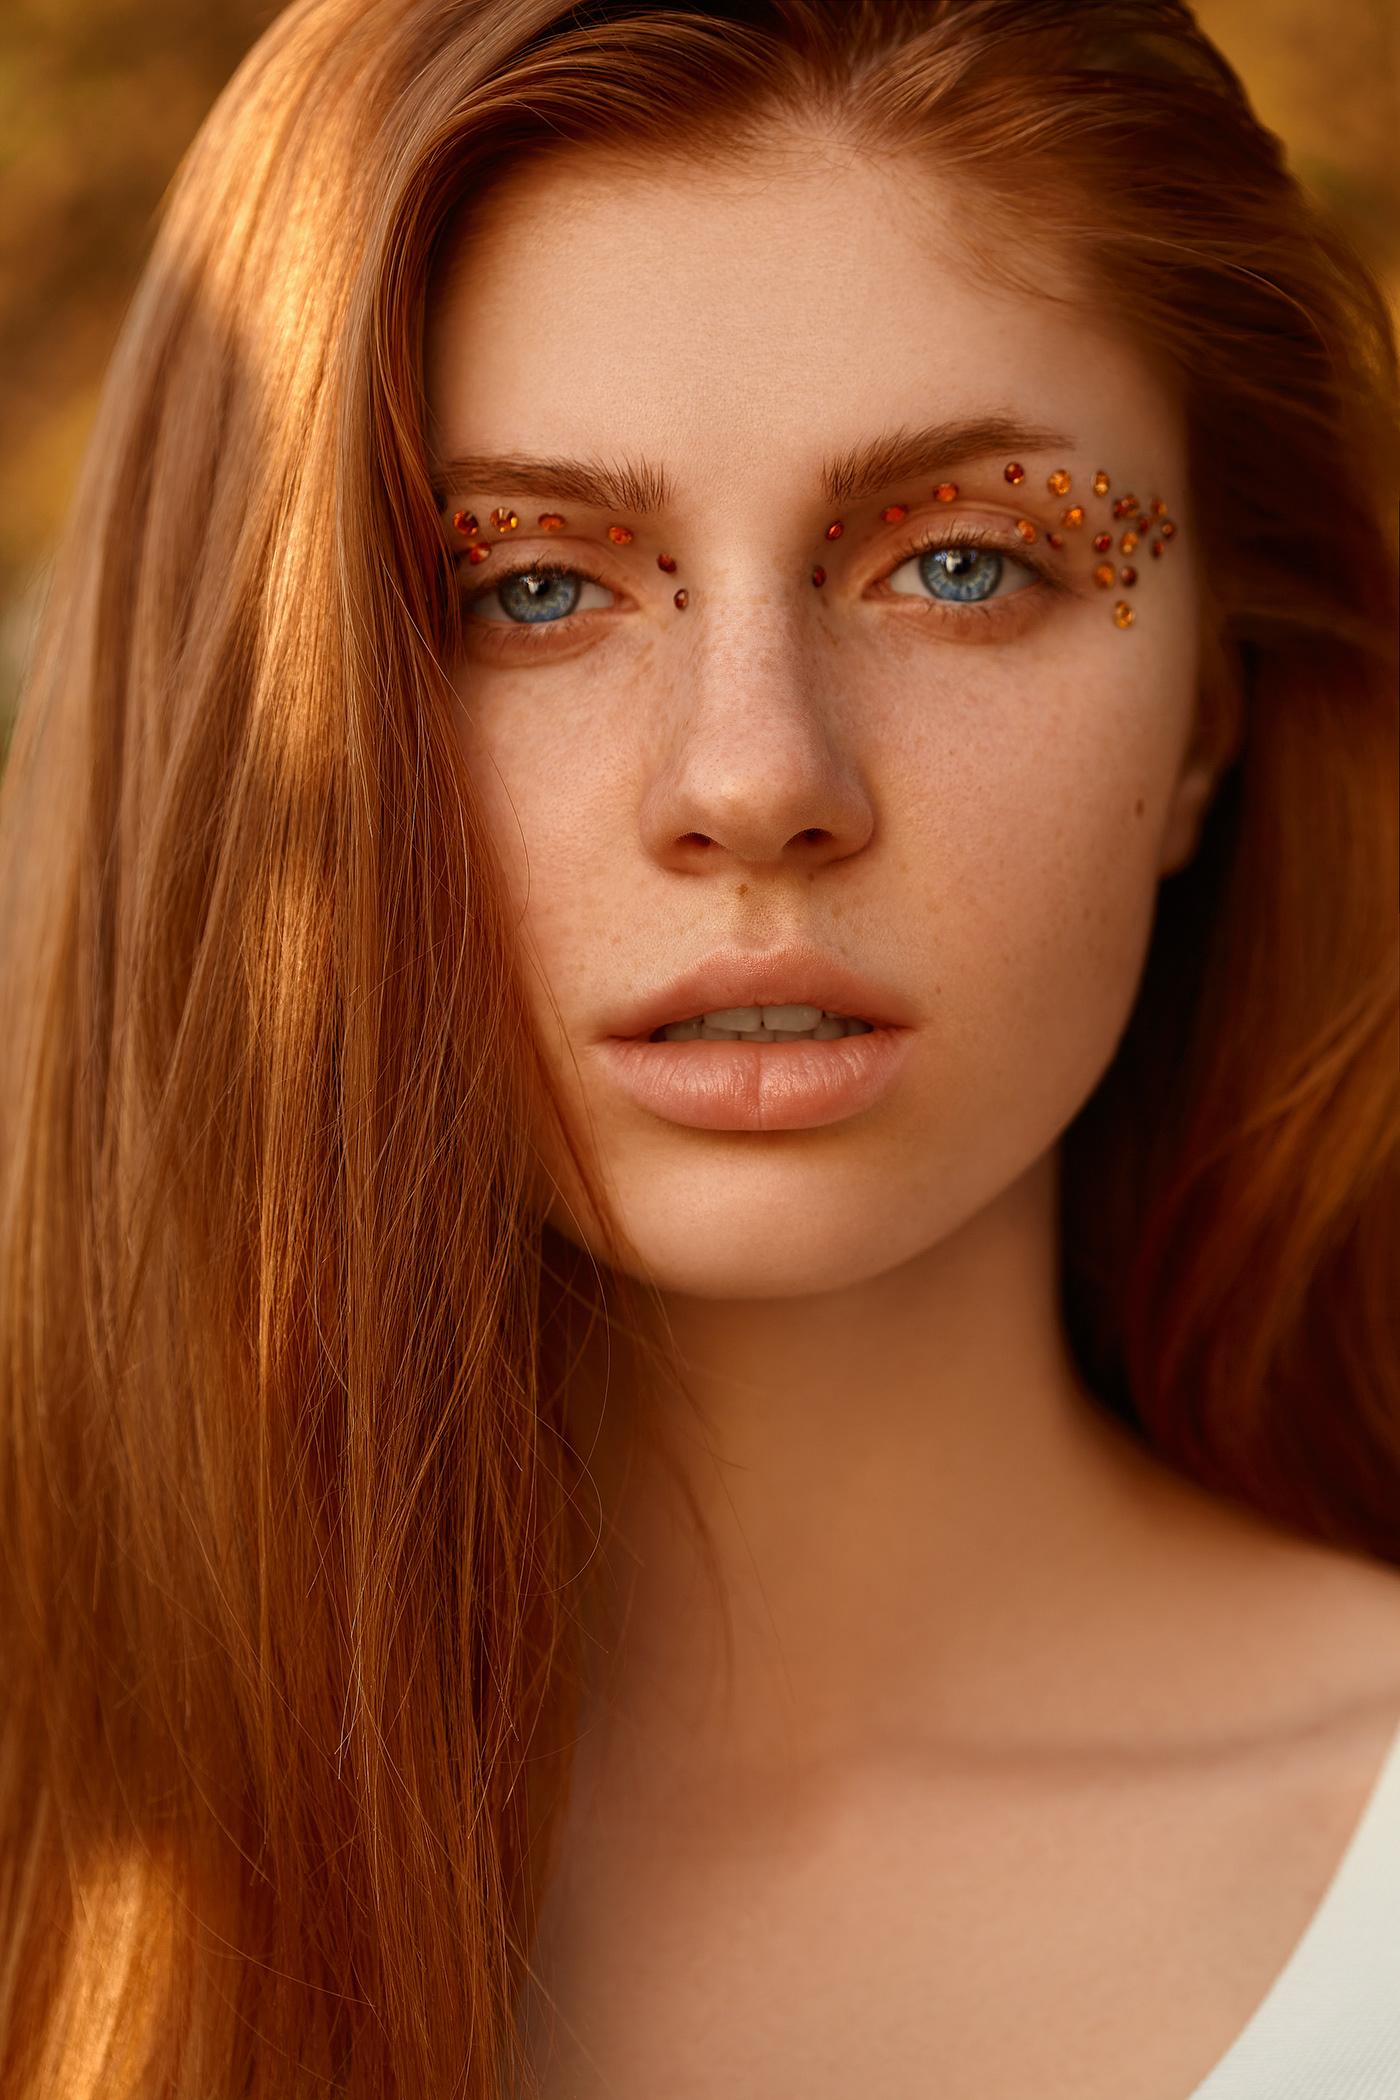 beauty beauty photography Fashion  hi end retouching Make Up MUA photoediting retouching